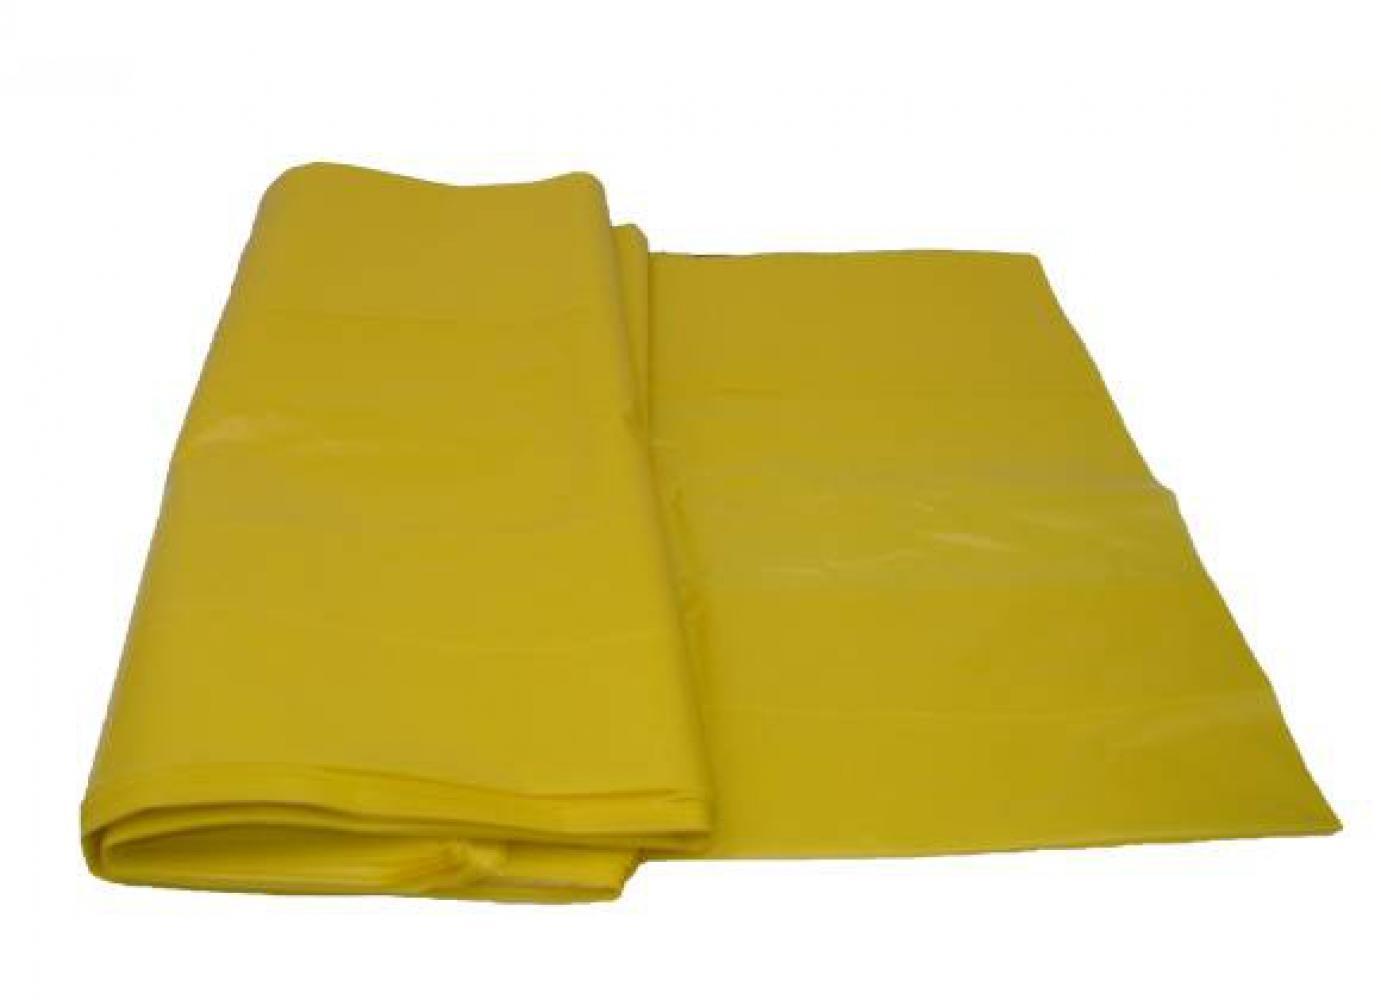 Acquista Sacco Rifiuti 75x90 Giallo Semi-trasparente 17545704 | Glooke.com